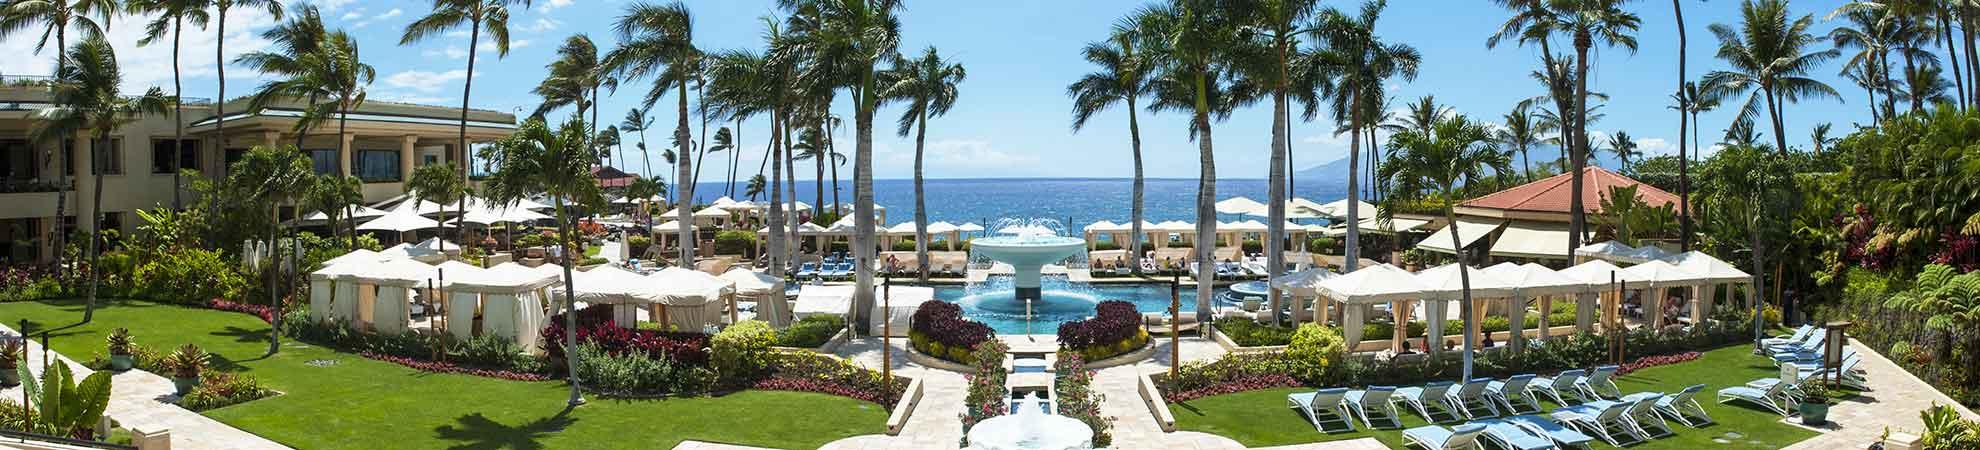 Comment choisir son hôtel ou motel Hawaii : tout savoir sur les hôtels dans cette destination paradisiaques